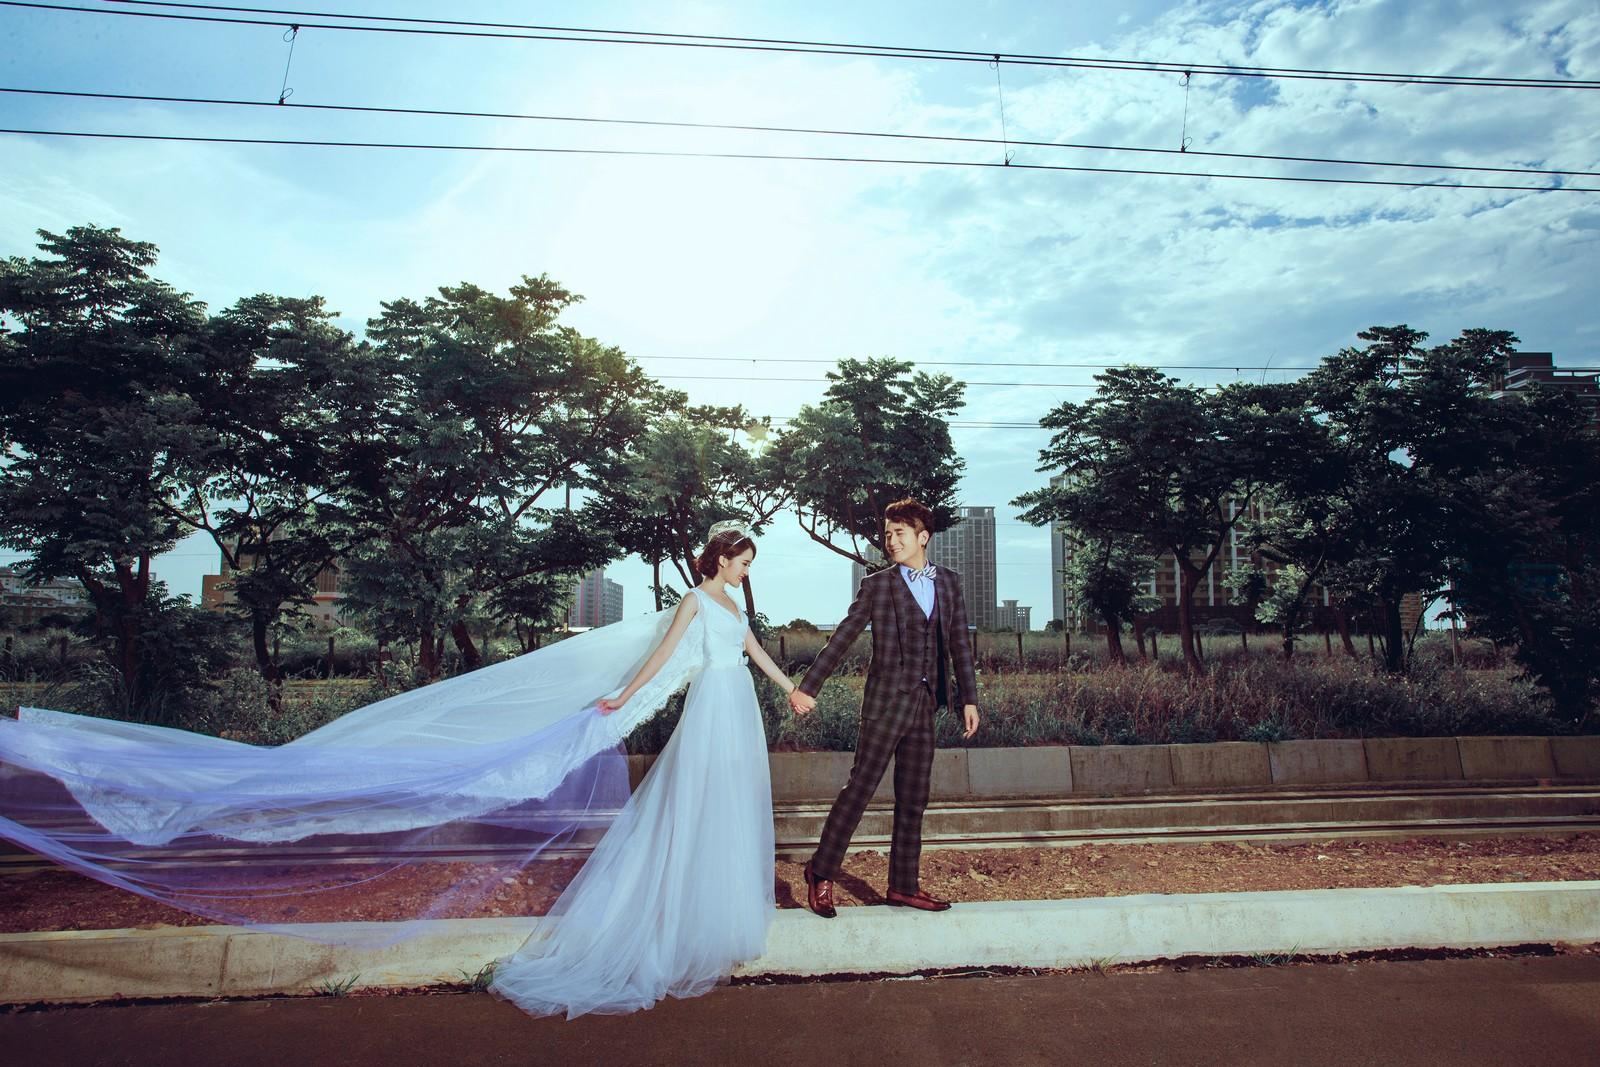 婚紗攝影,婚紗照風格,婚紗照姿勢,婚紗攝影工作室,海外旅拍